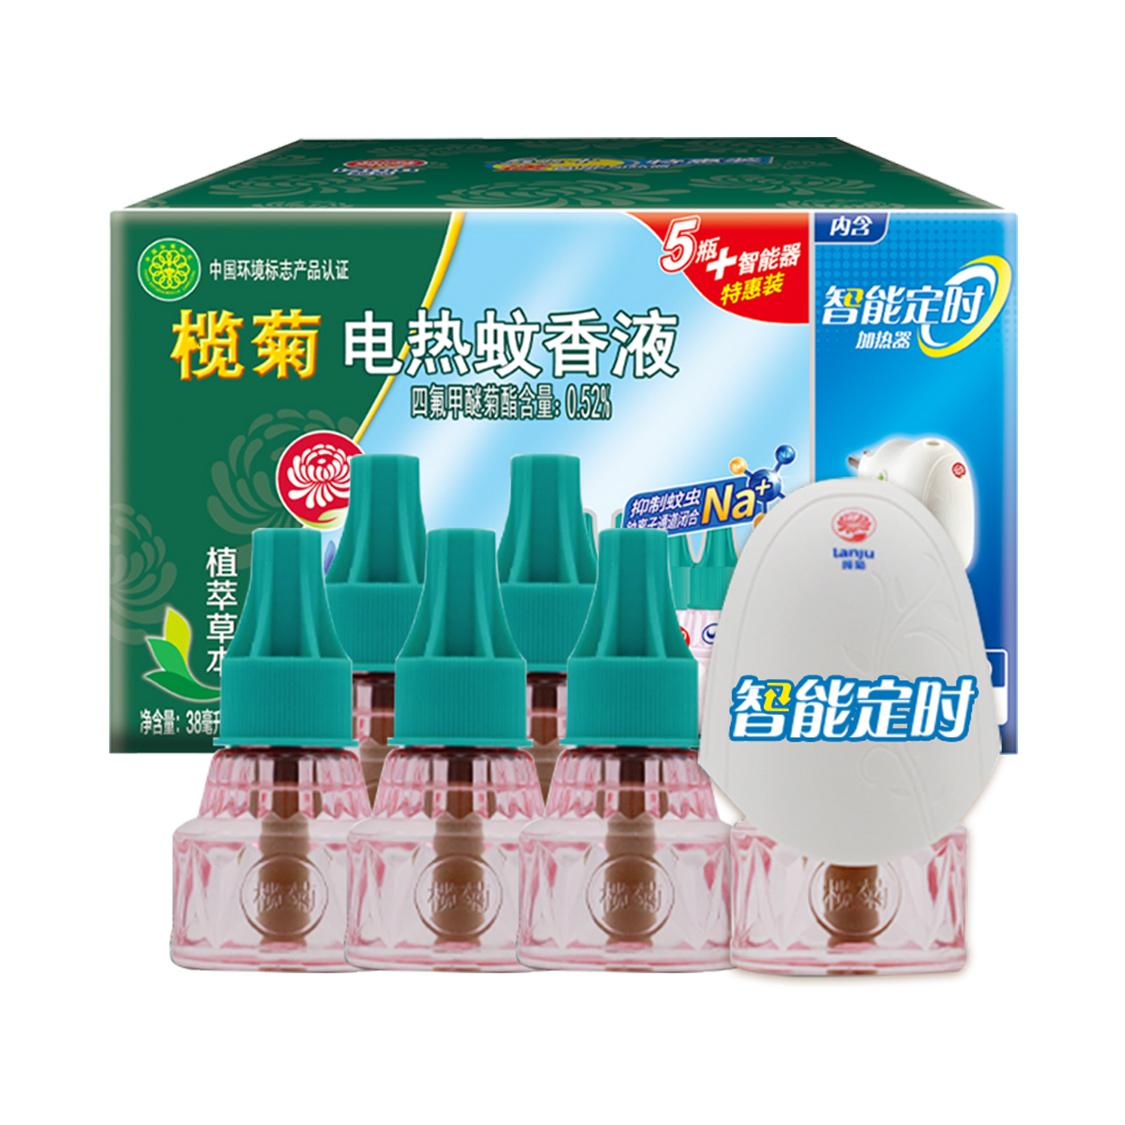 榄菊蚊香液智能插电家用驱蚊5瓶1器